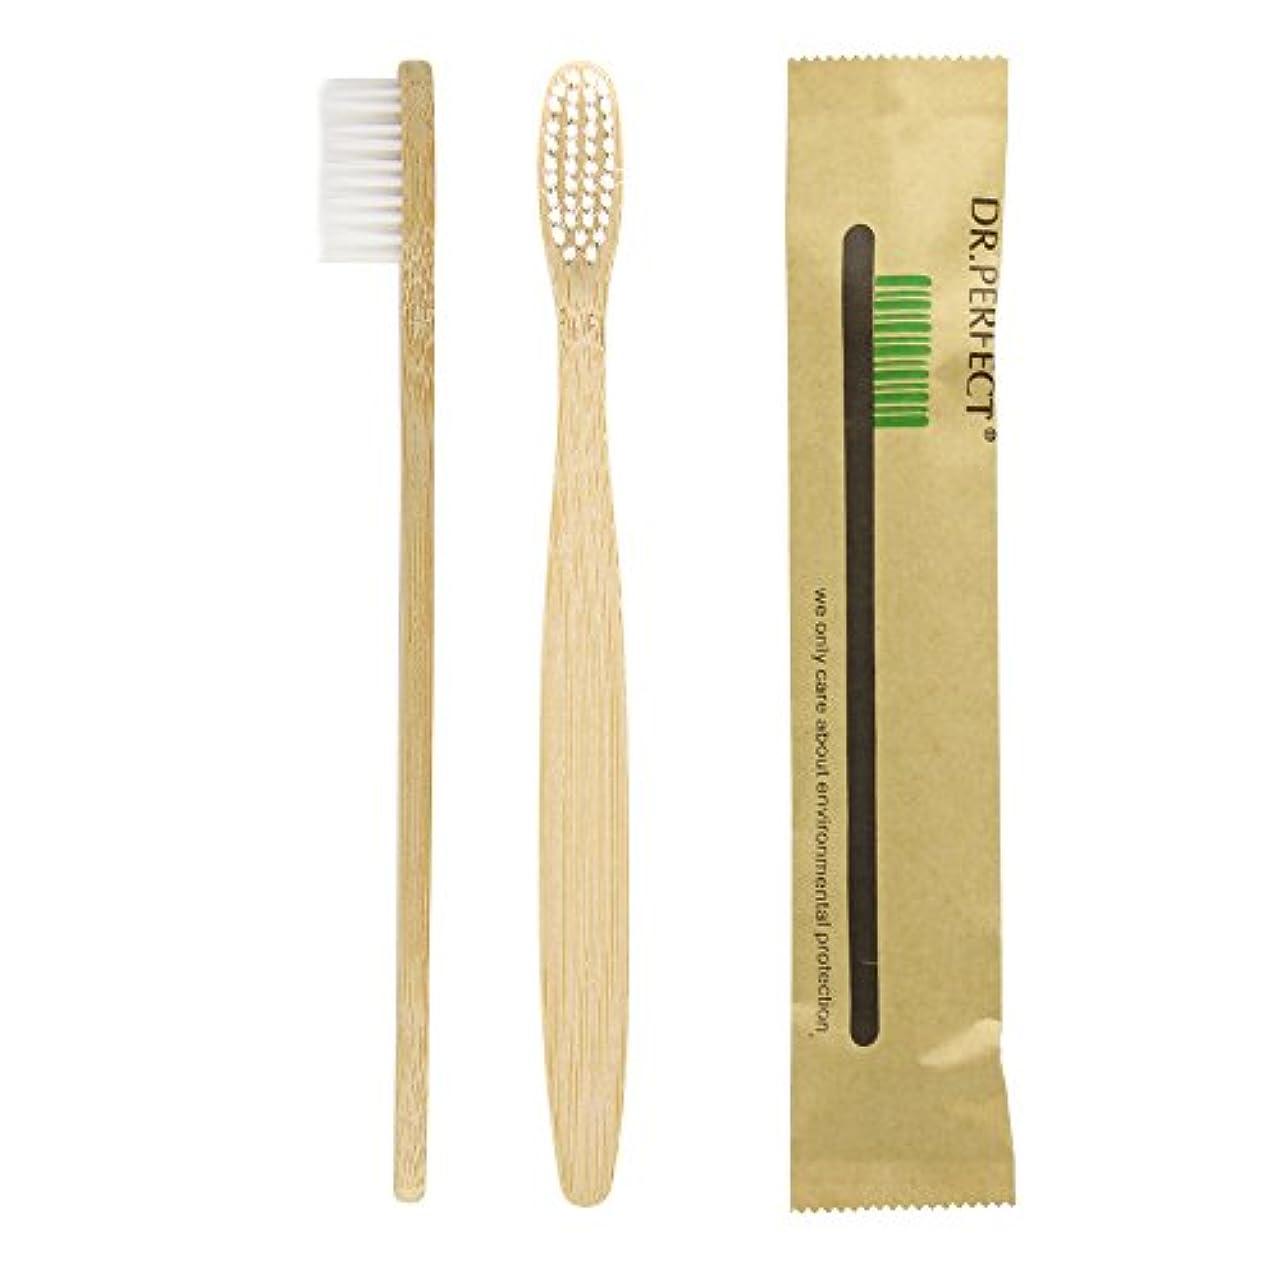 練習した分離する交通Dr.Perfect 歯ブラシ竹歯ブラシアダルト竹の歯ブラシ ナイロン毛 環境保護の歯ブラシ (ホワイト)